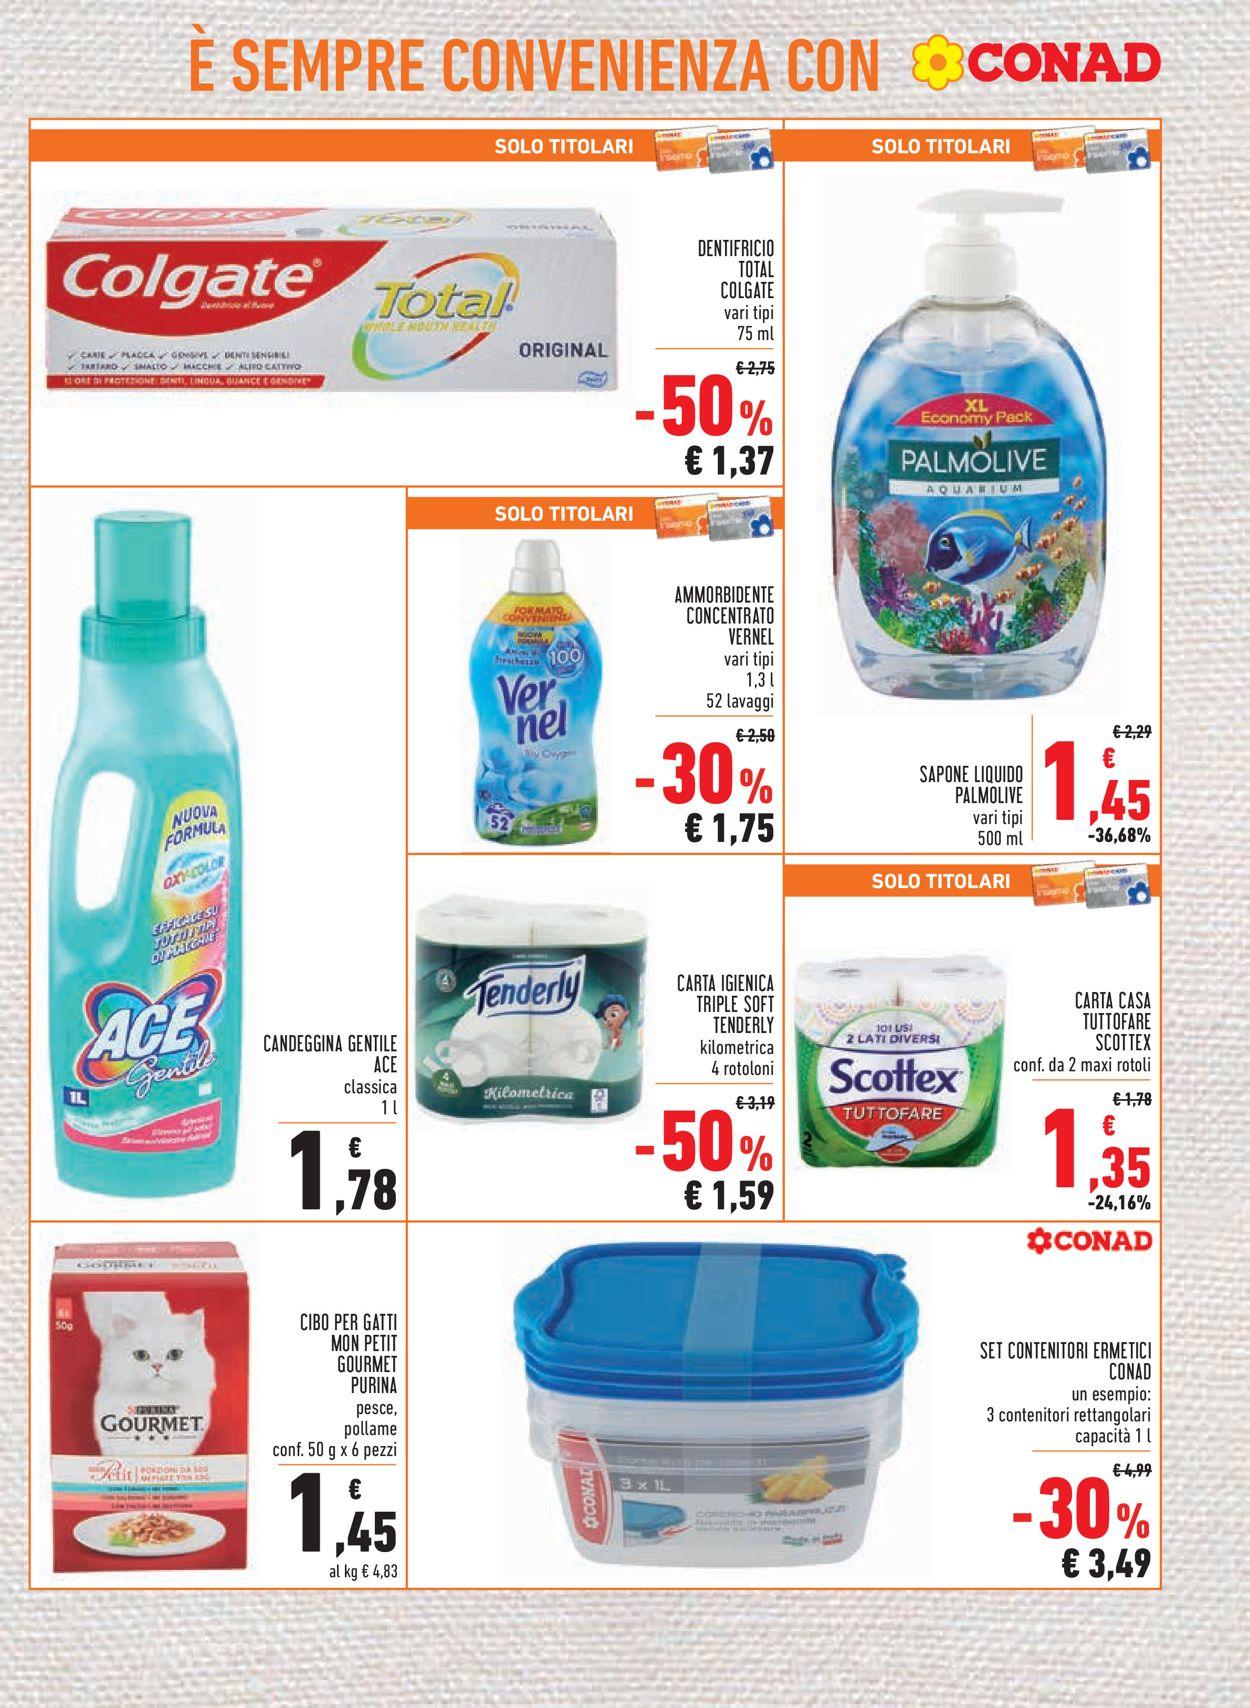 Volantino Conad - Offerte 06/05-19/05/2021 (Pagina 13)